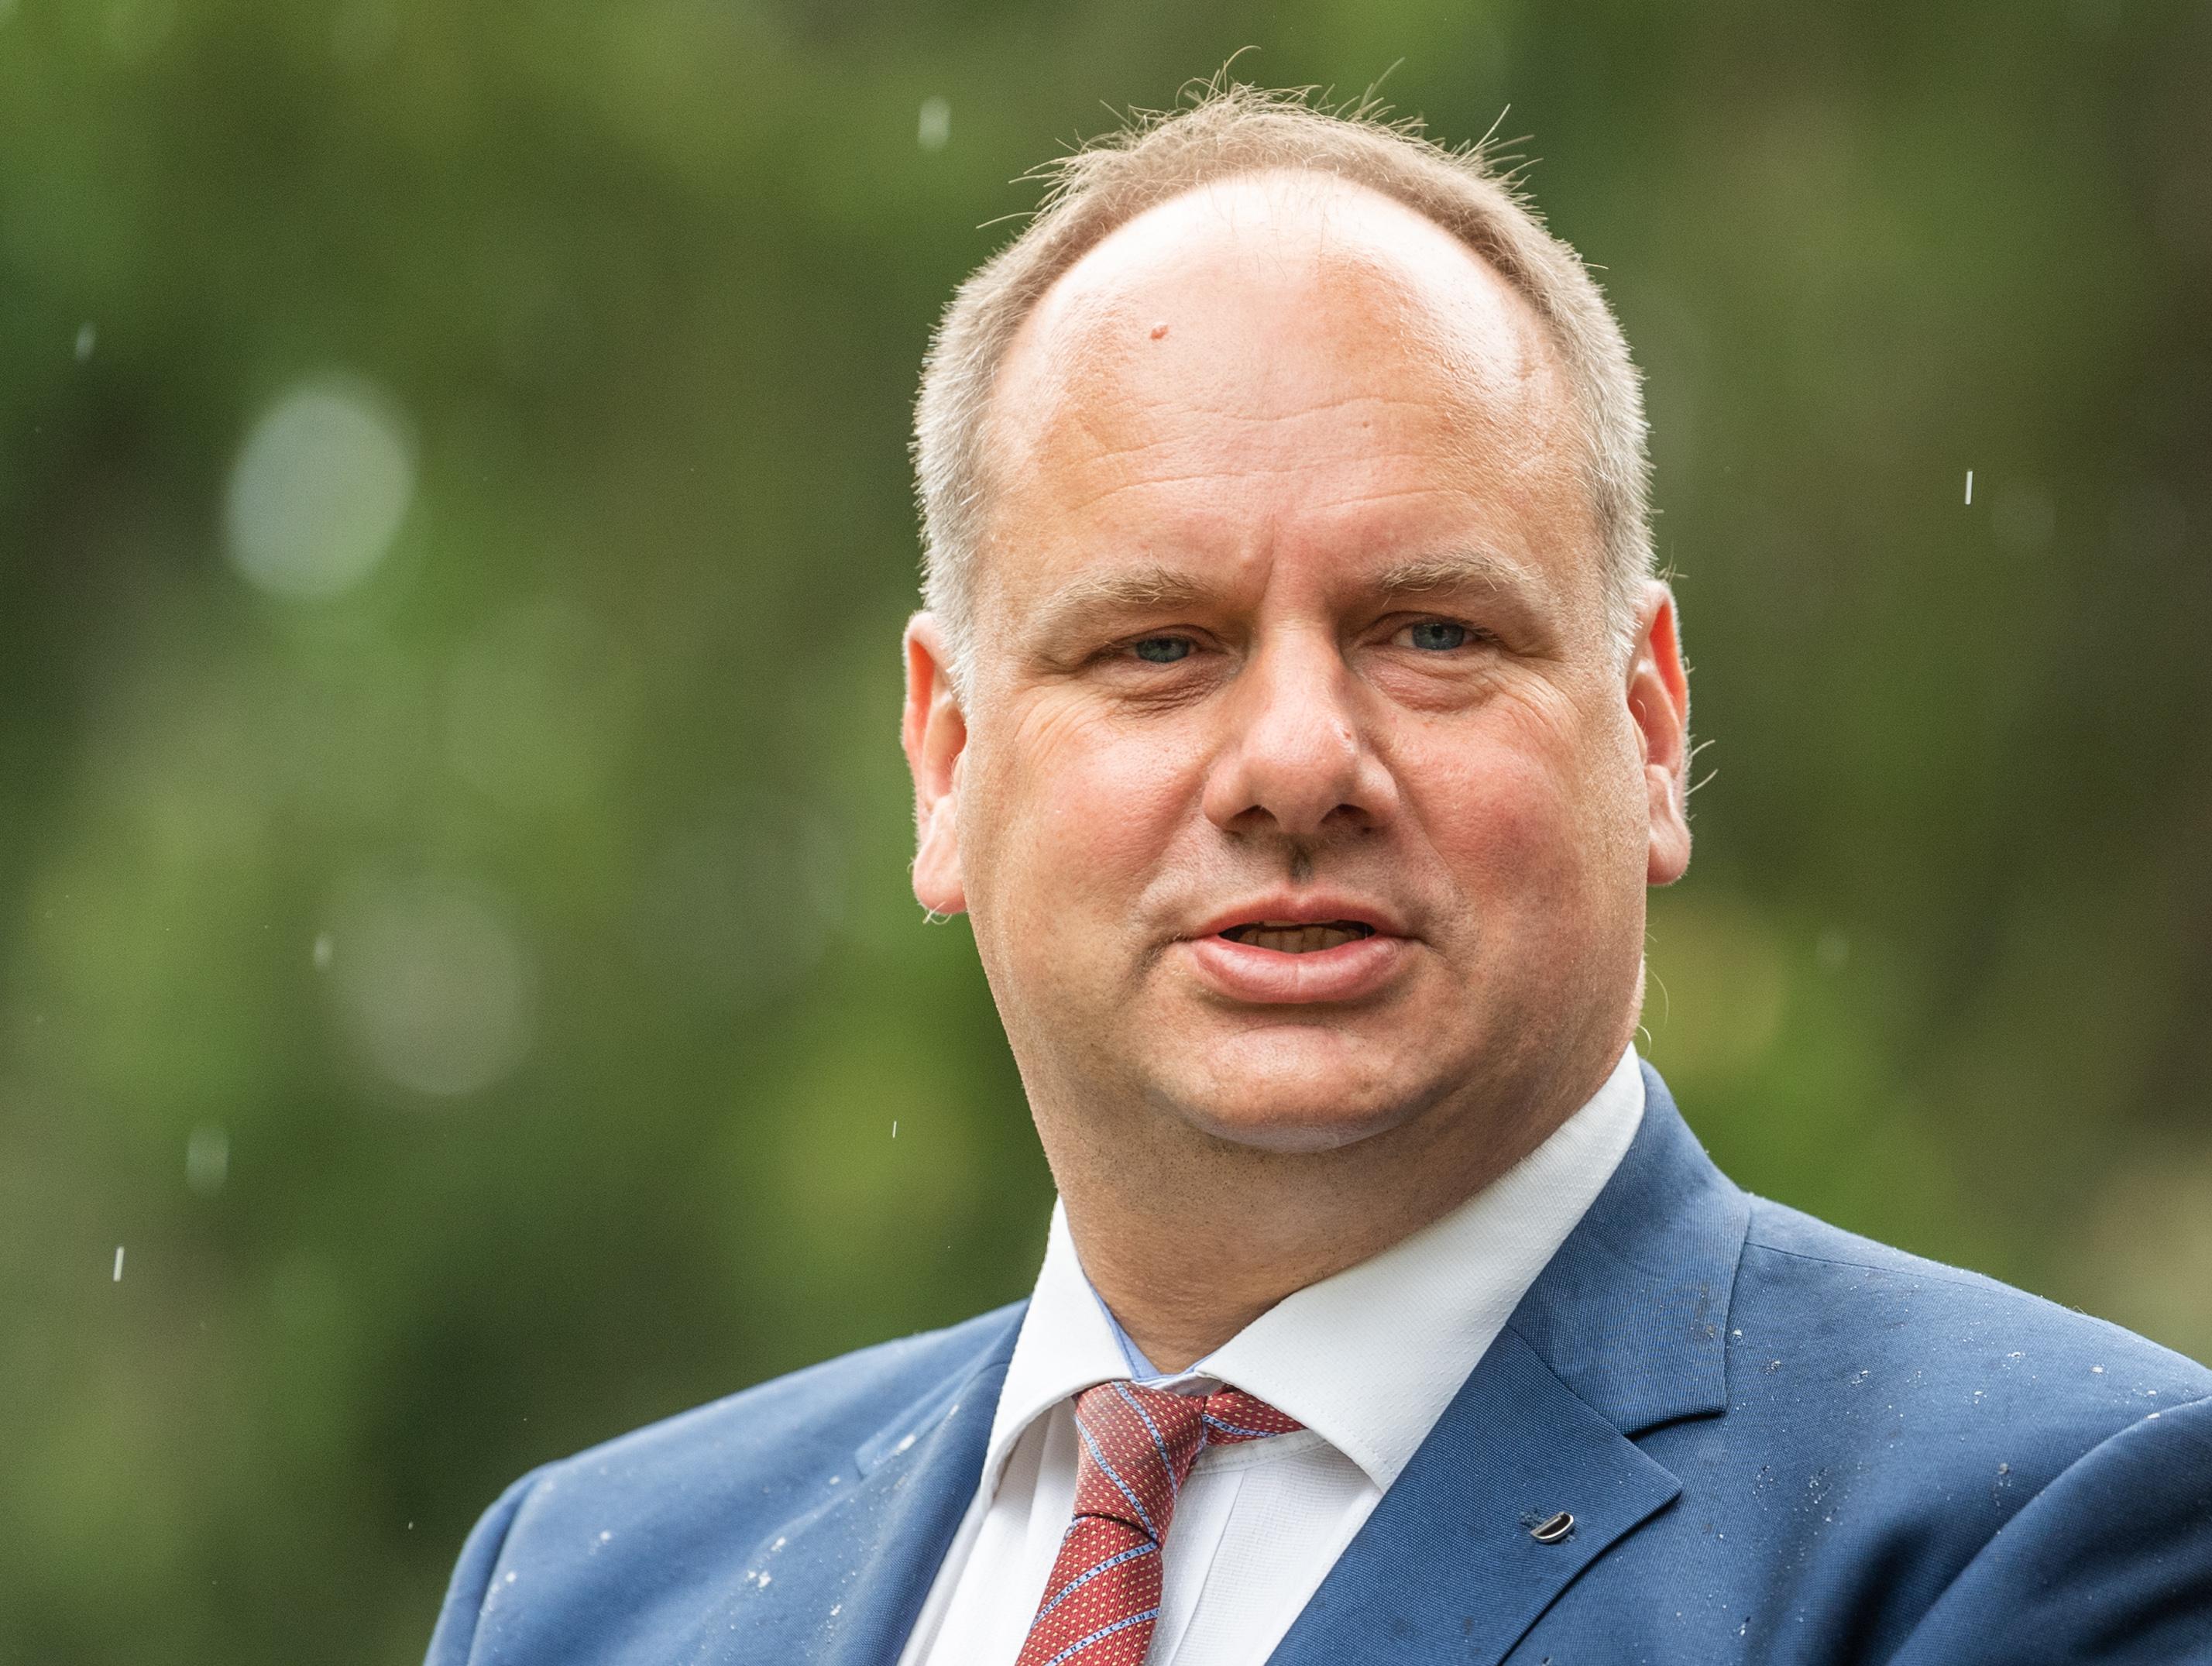 """Drezda főpolgármestere szerint a """"náci vészhelyzet"""" kifejezés annyira populista, hogy nem méltó az ügy komolyságához"""